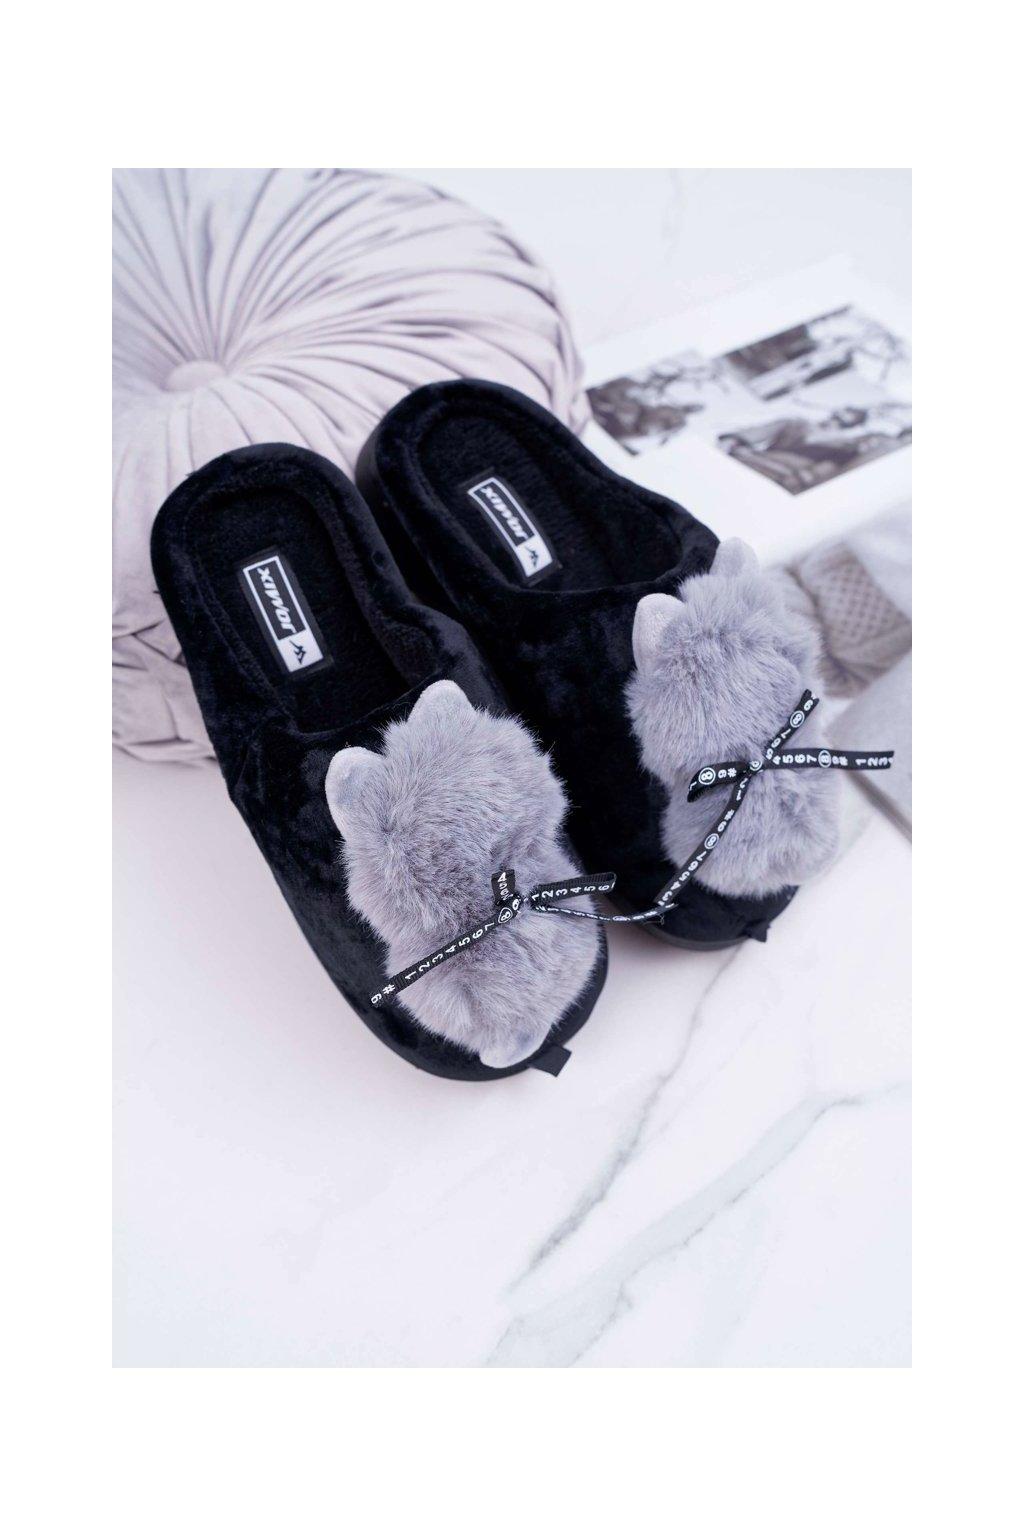 Dámske papuče s kožušinou kocour čierne Kitty